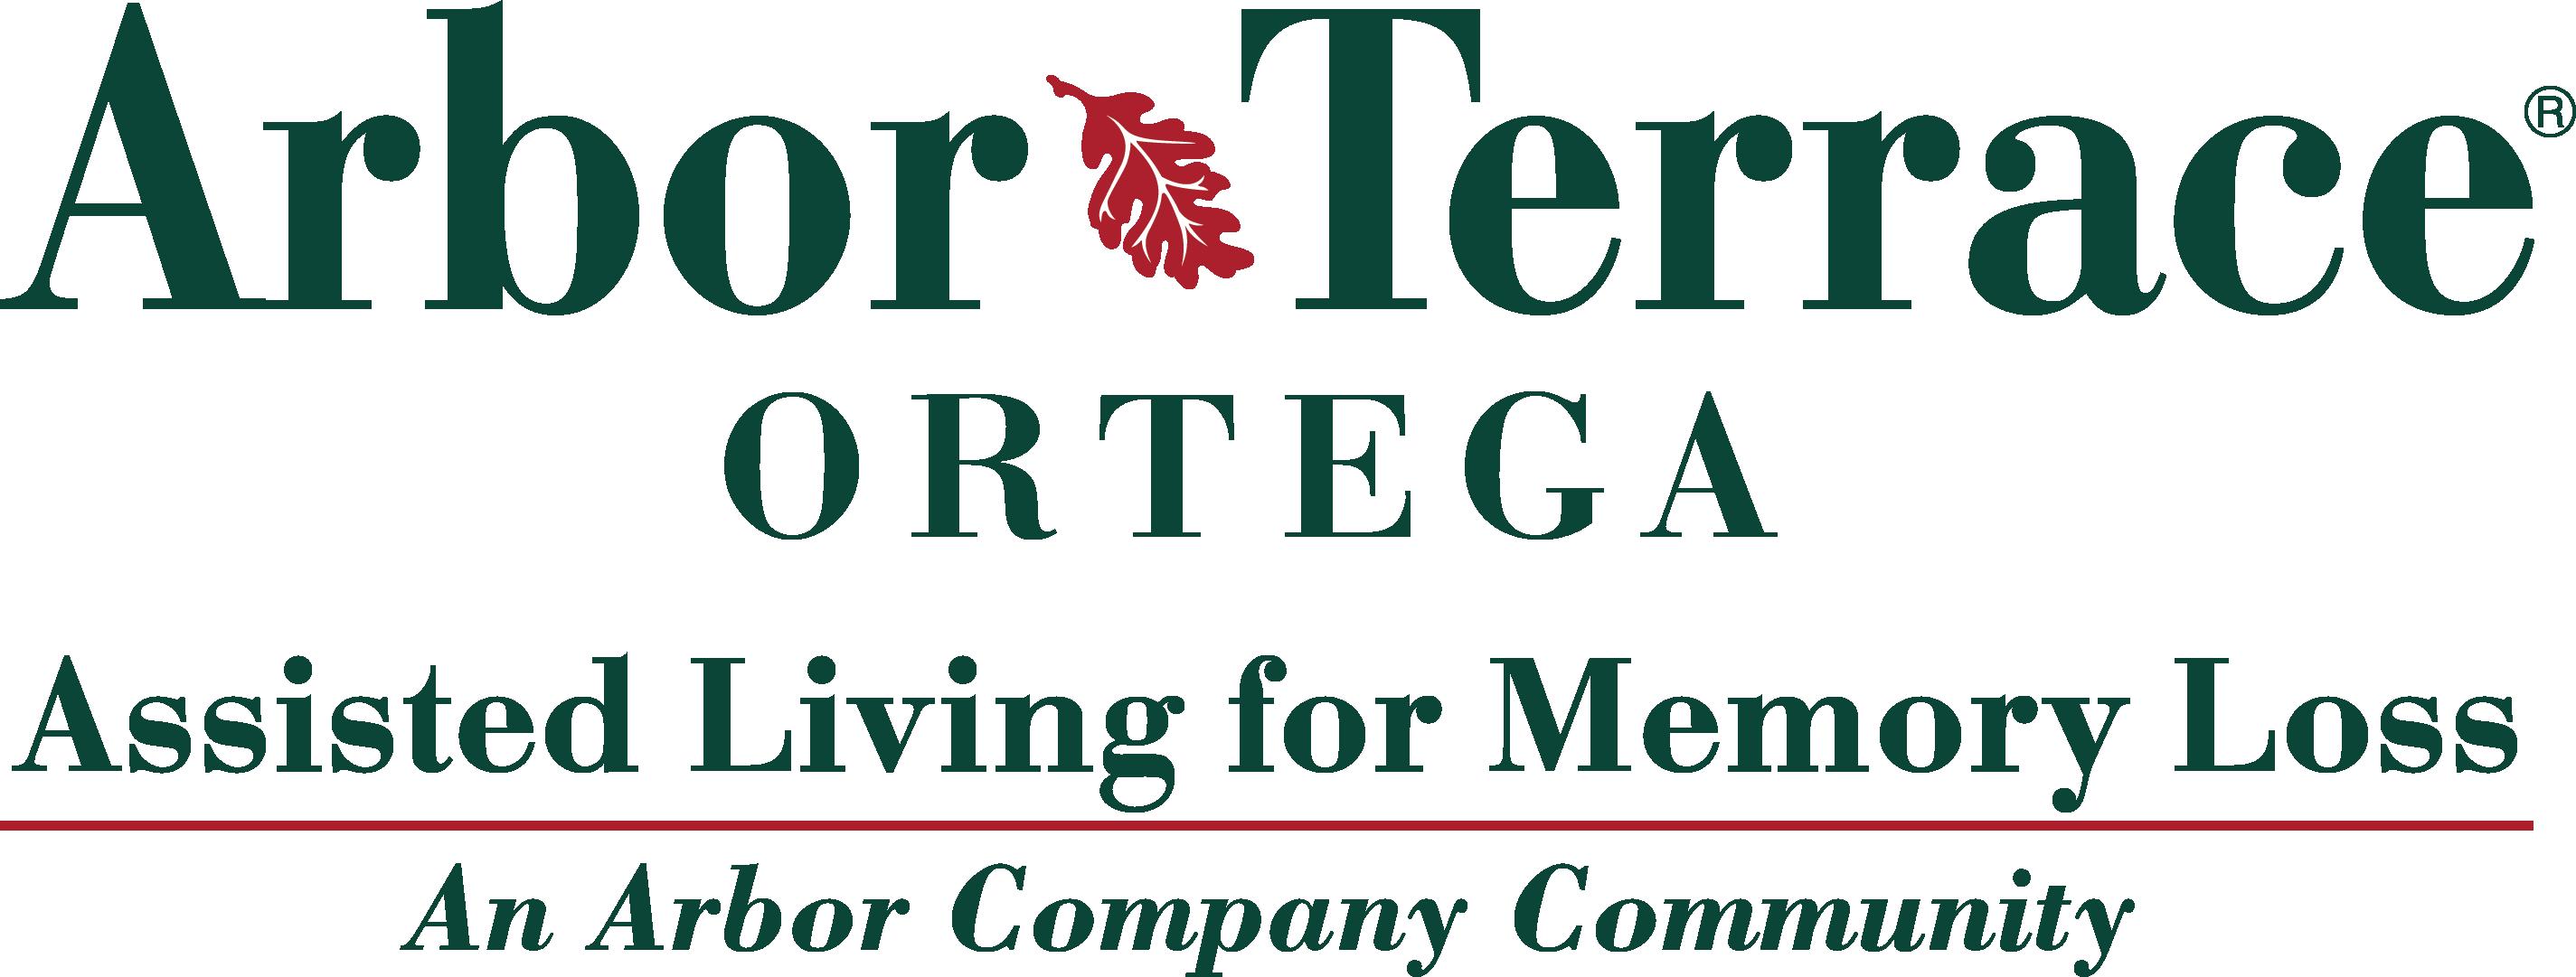 Arbor-Terrace-Ortega-Logo.png